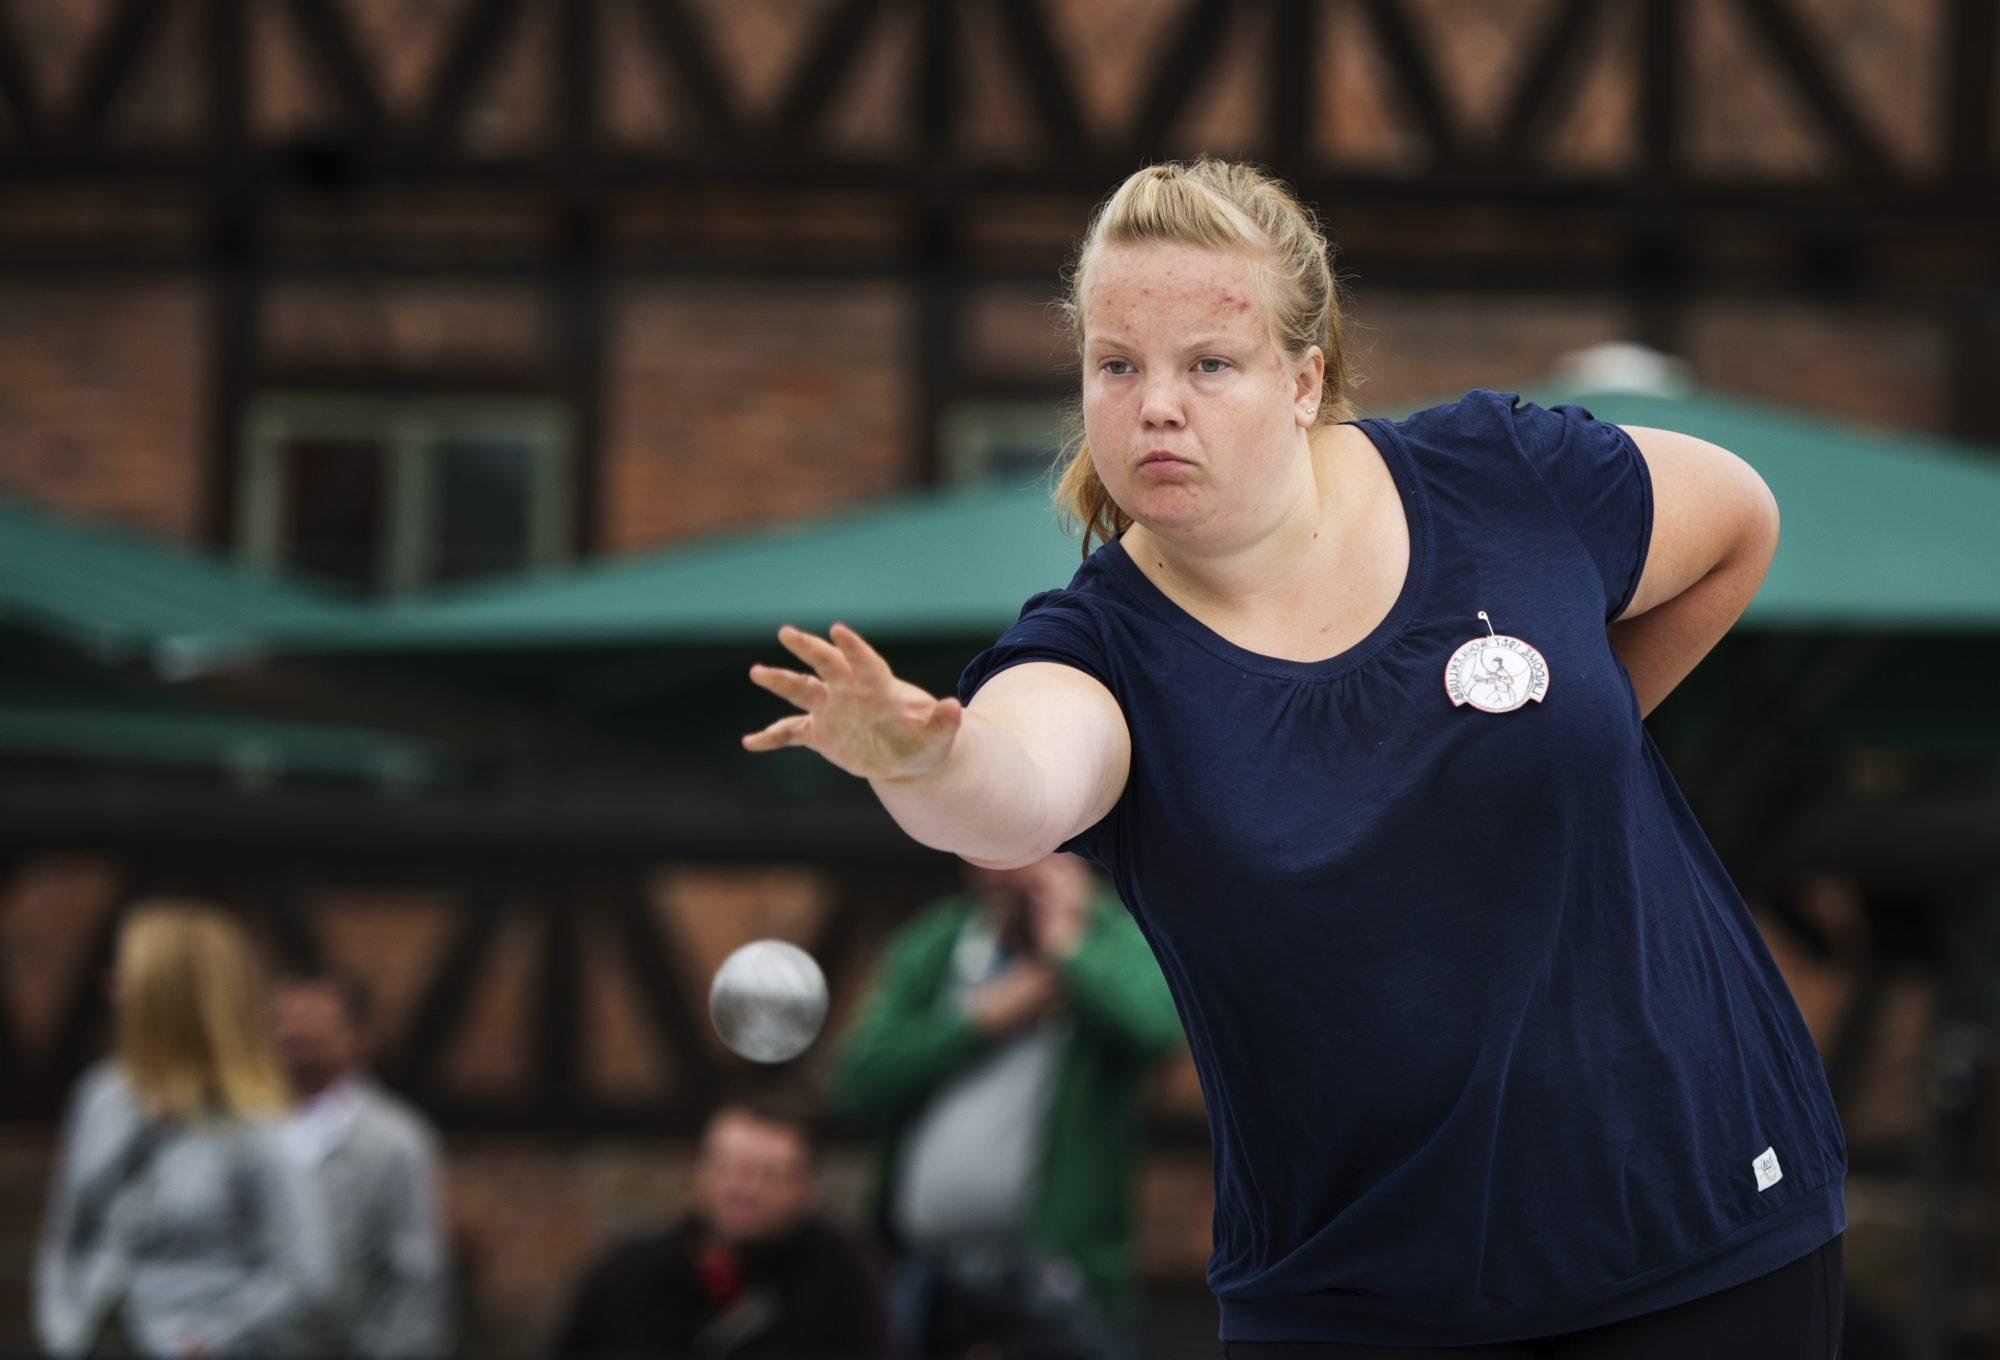 Cecilia Holm, Lindome BK, tävlar i precisionsskytte i boule under dag ett av SM-veckan den 1 juli 2013 i Halmstad.